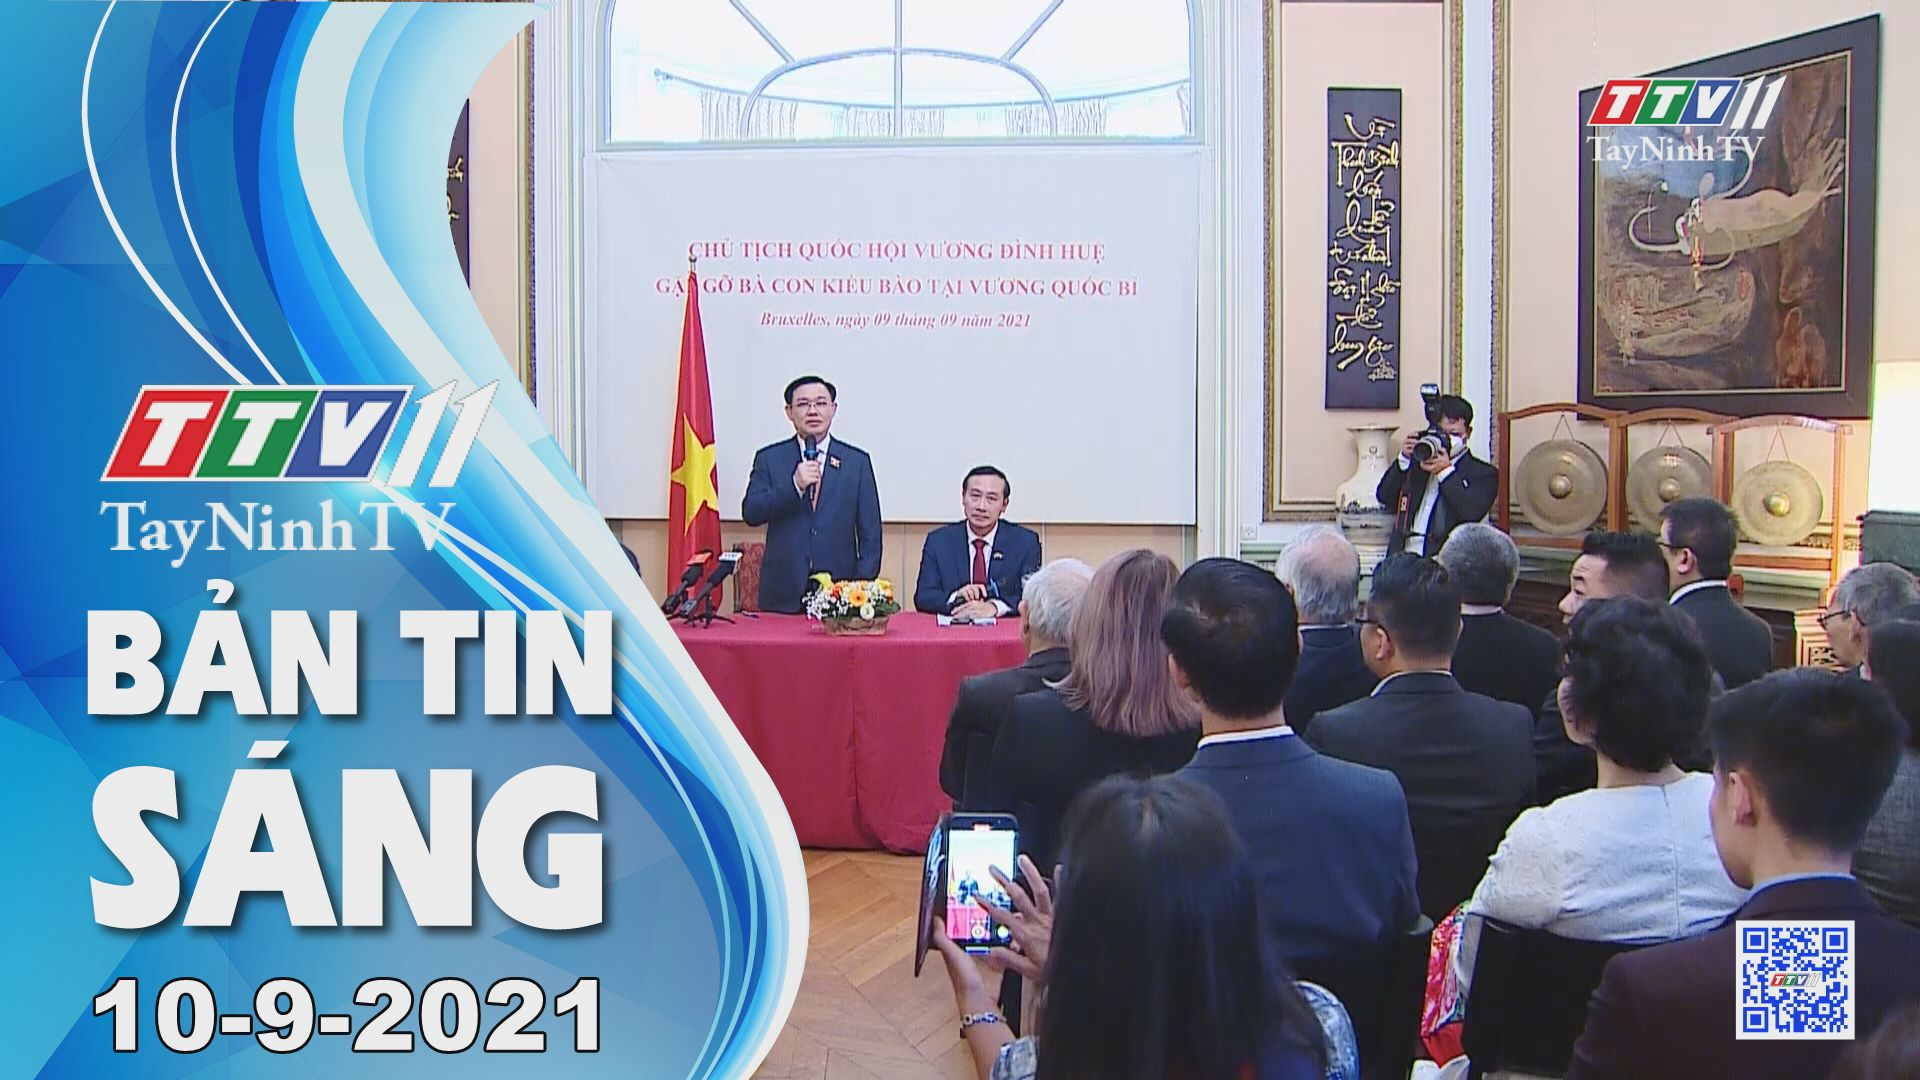 Bản tin sáng 10-9-2021 | Tin tức hôm nay | TayNinhTV